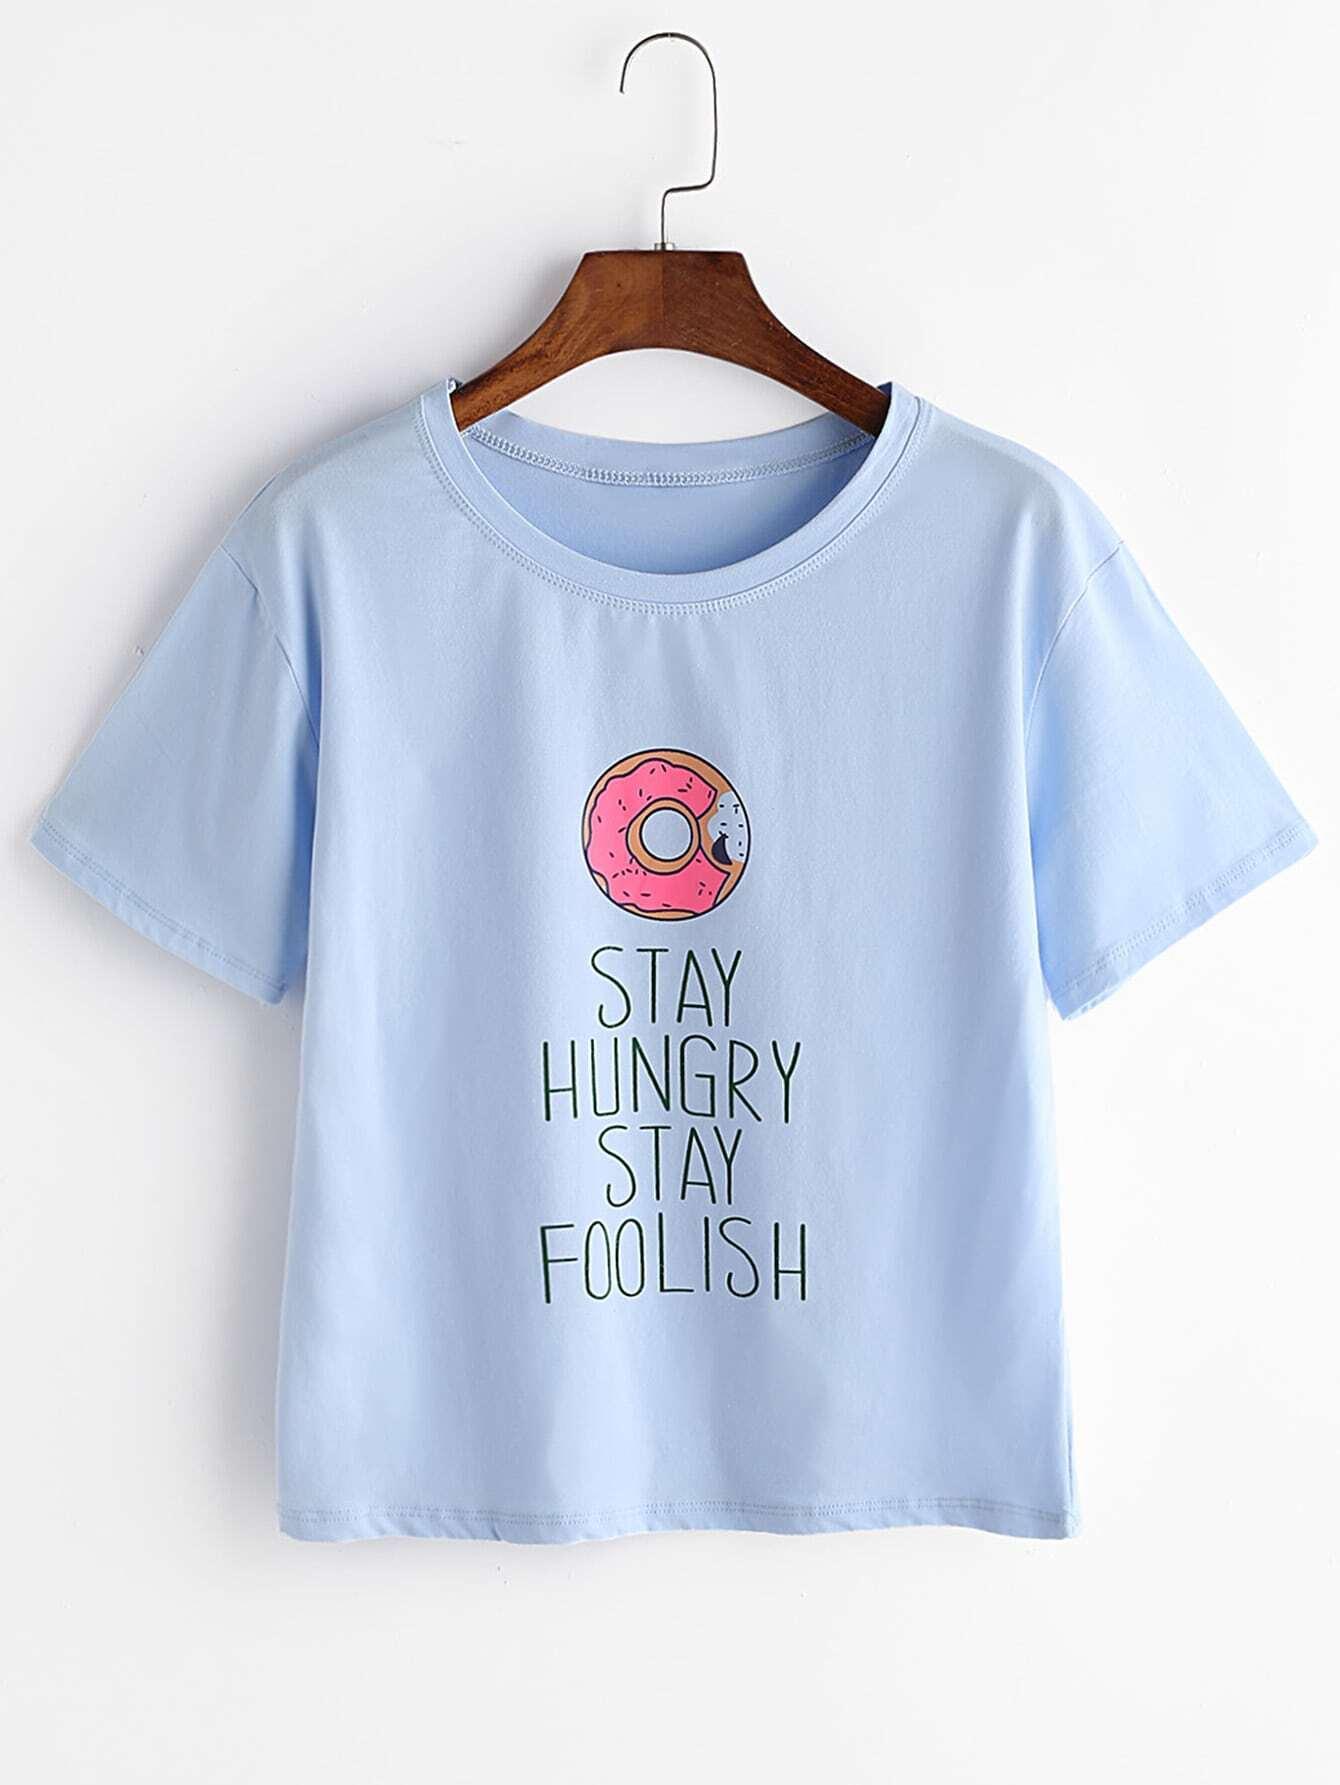 imprimer donut t shirt bleu french romwe. Black Bedroom Furniture Sets. Home Design Ideas